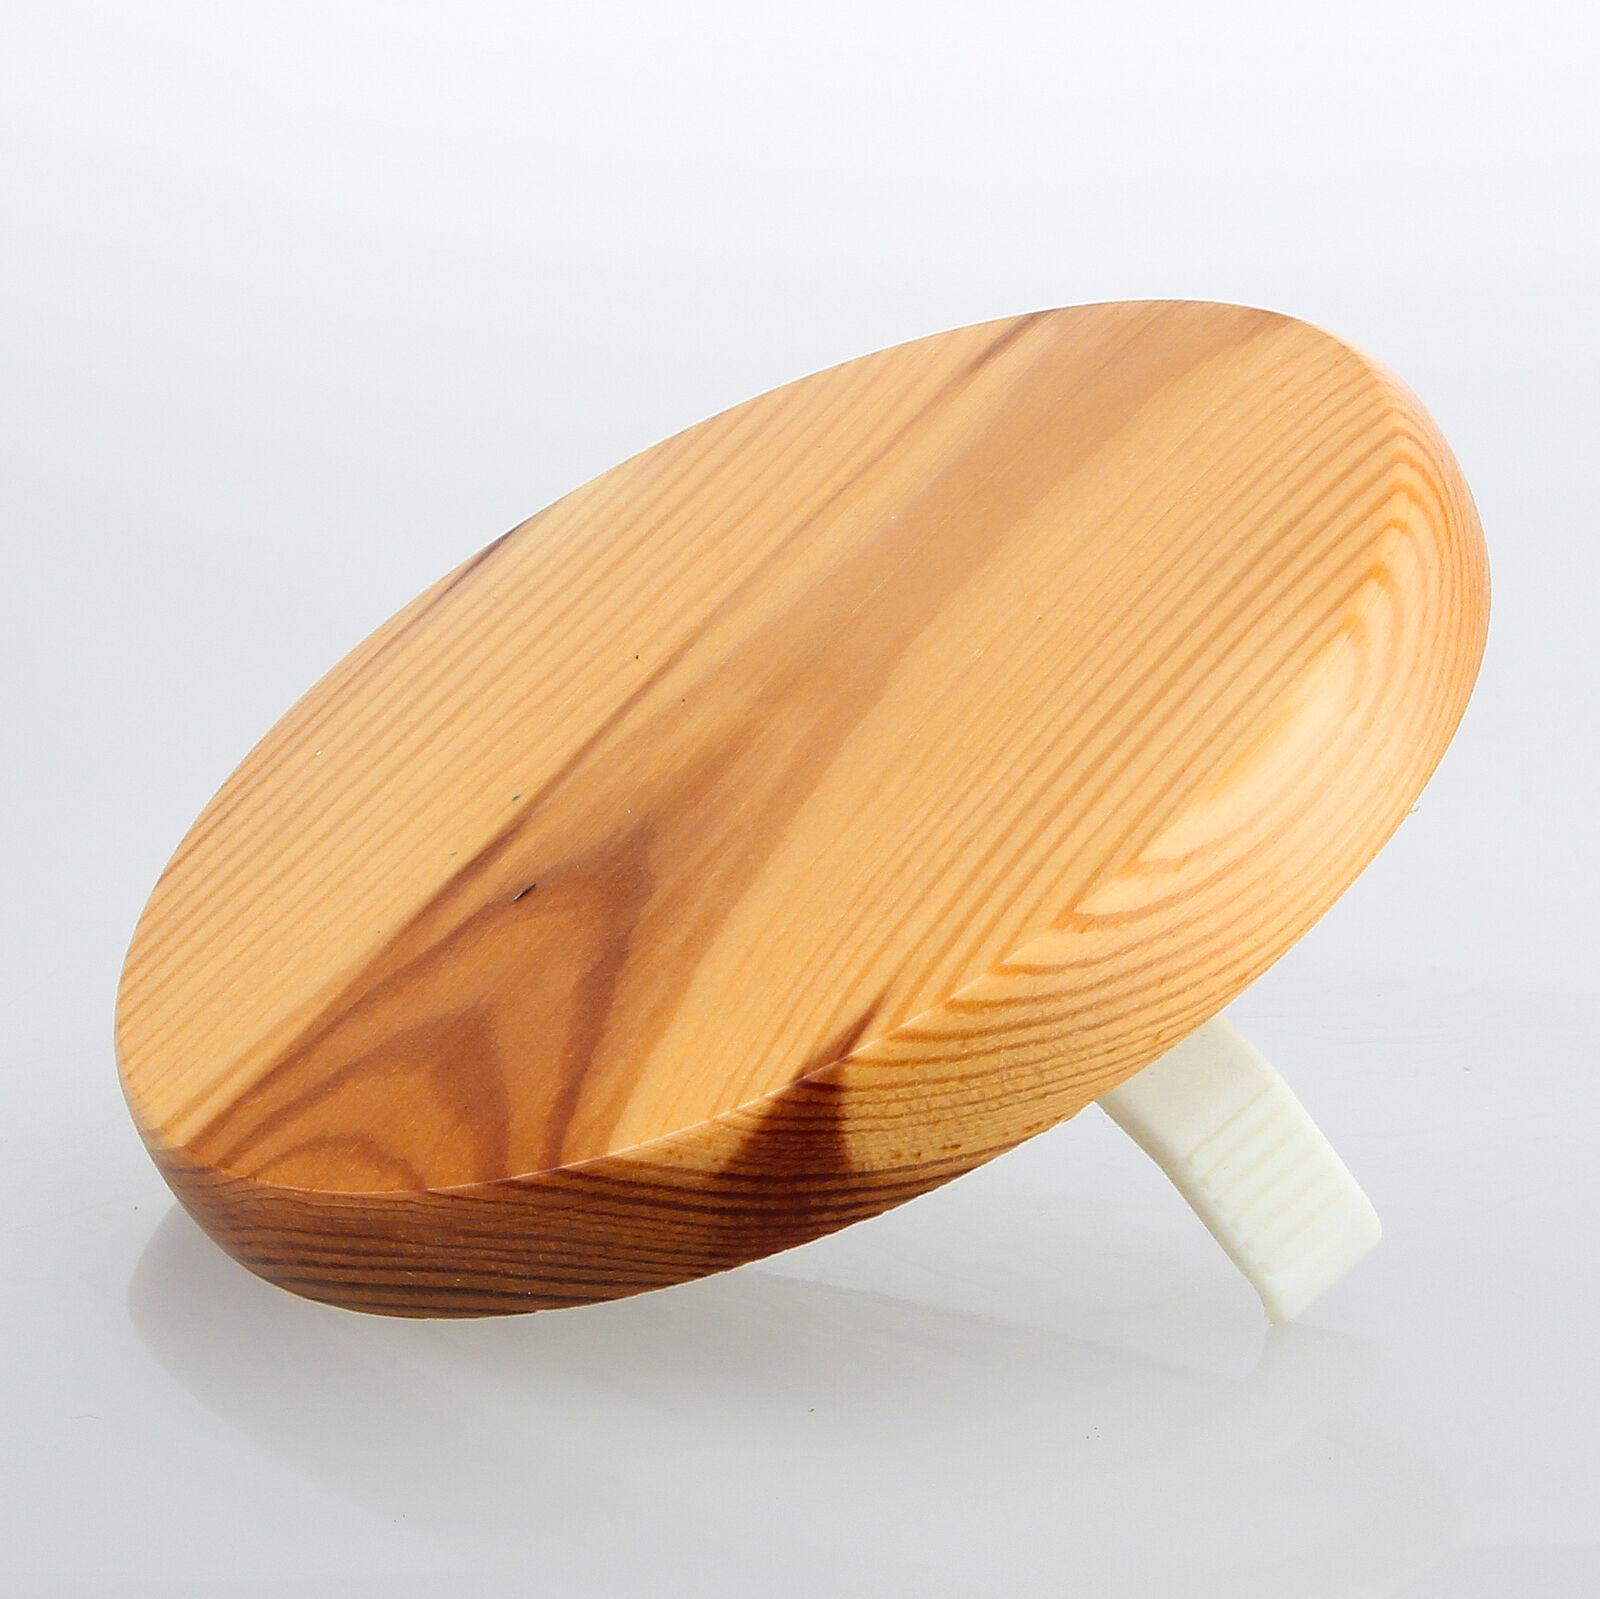 Holz Federdeckel 95x11 mm Kiefer für Verteilerdose Schalterdose